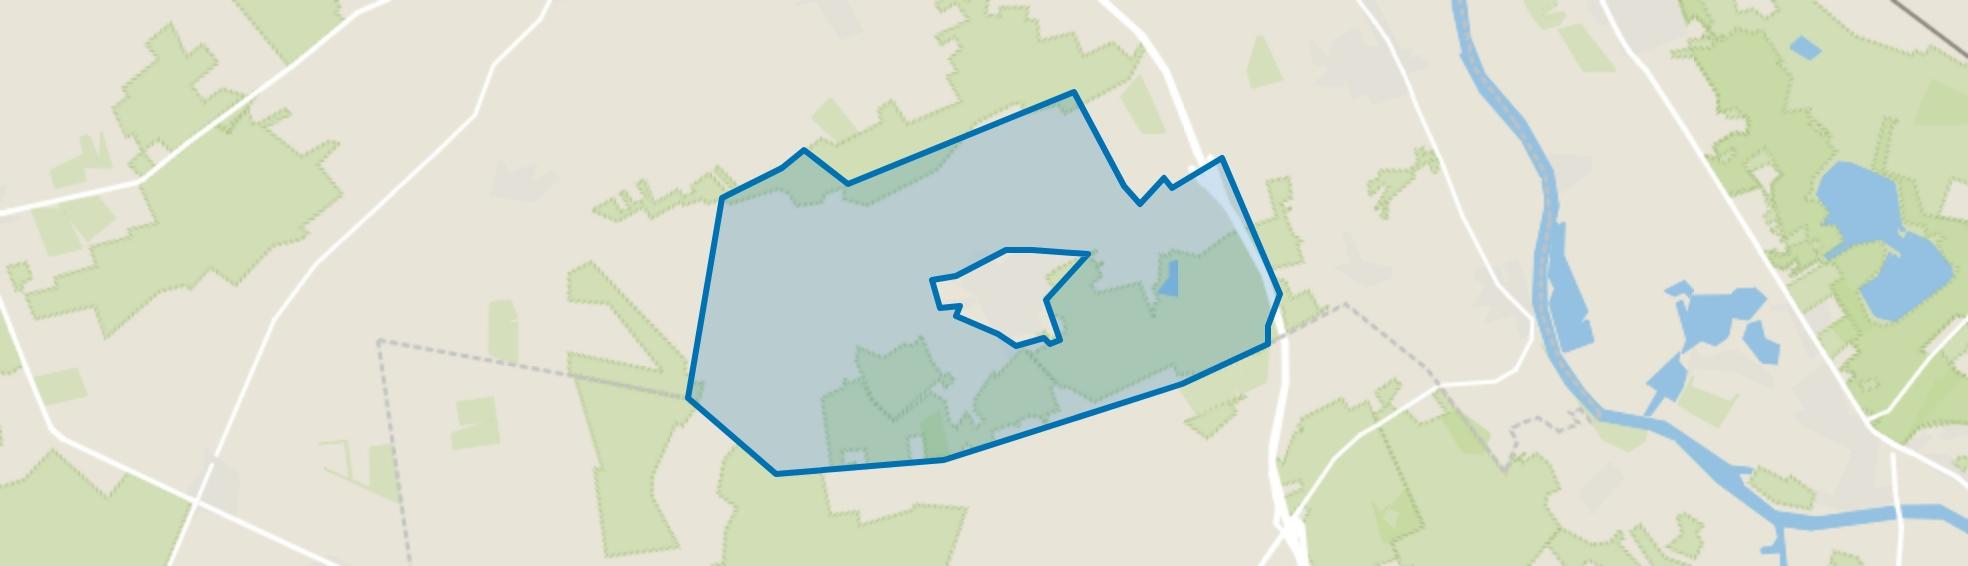 Verspreide huizen Overloon, Overloon map